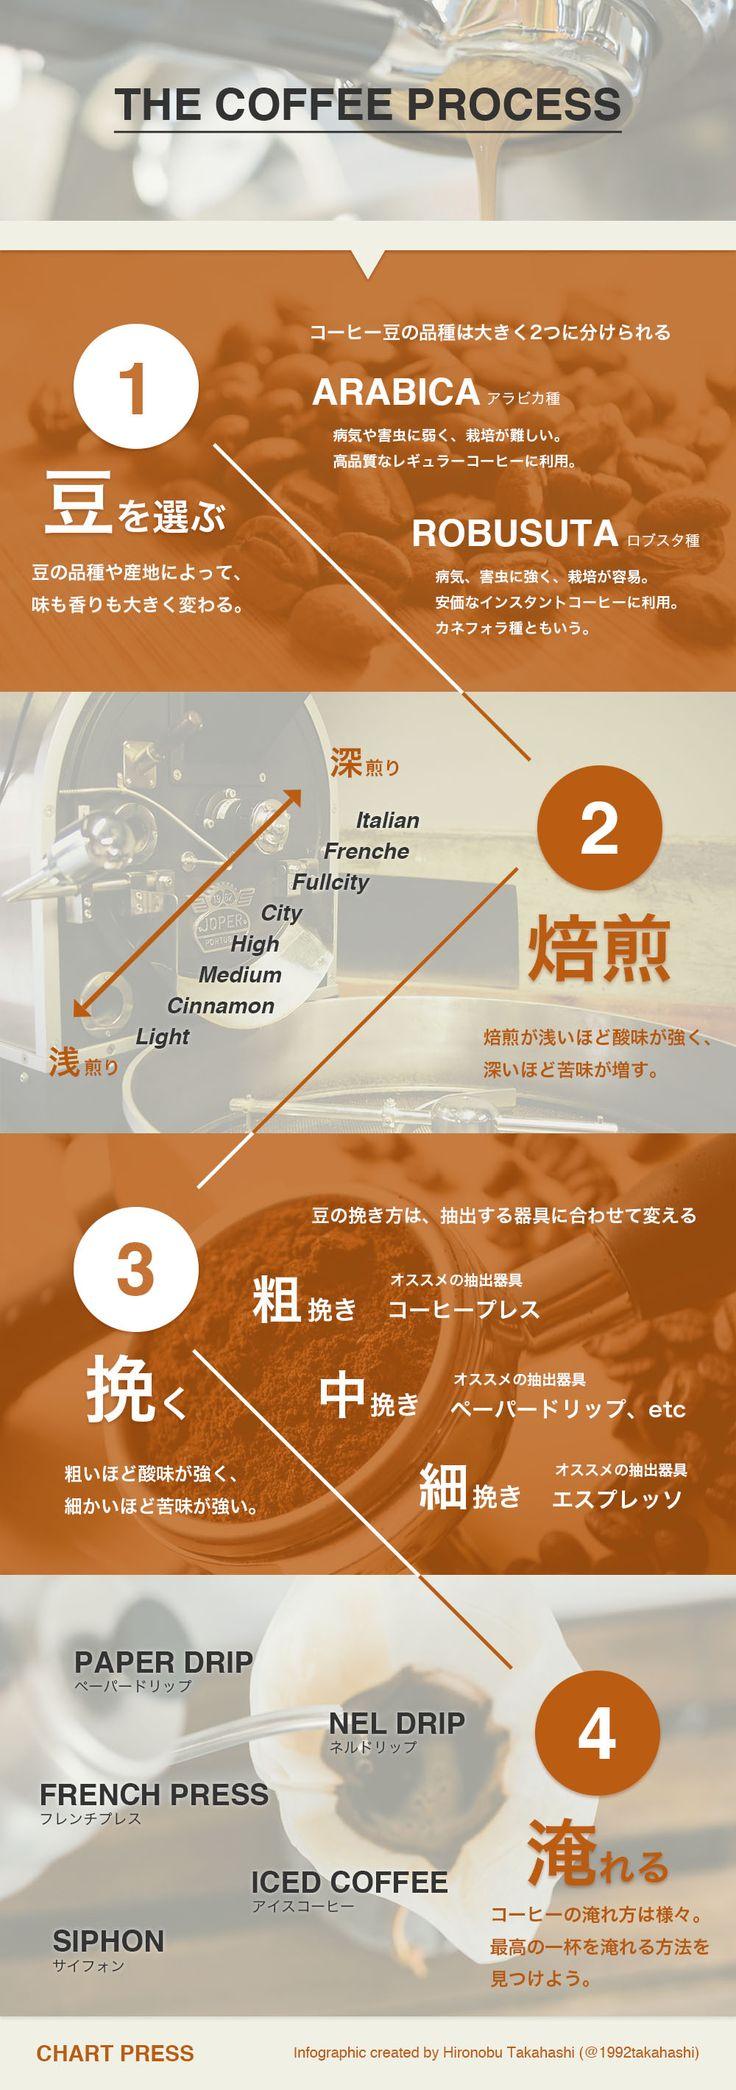 咖啡選擇的說明參考 【インフォグラフィック】THE COFFEE PROCESS